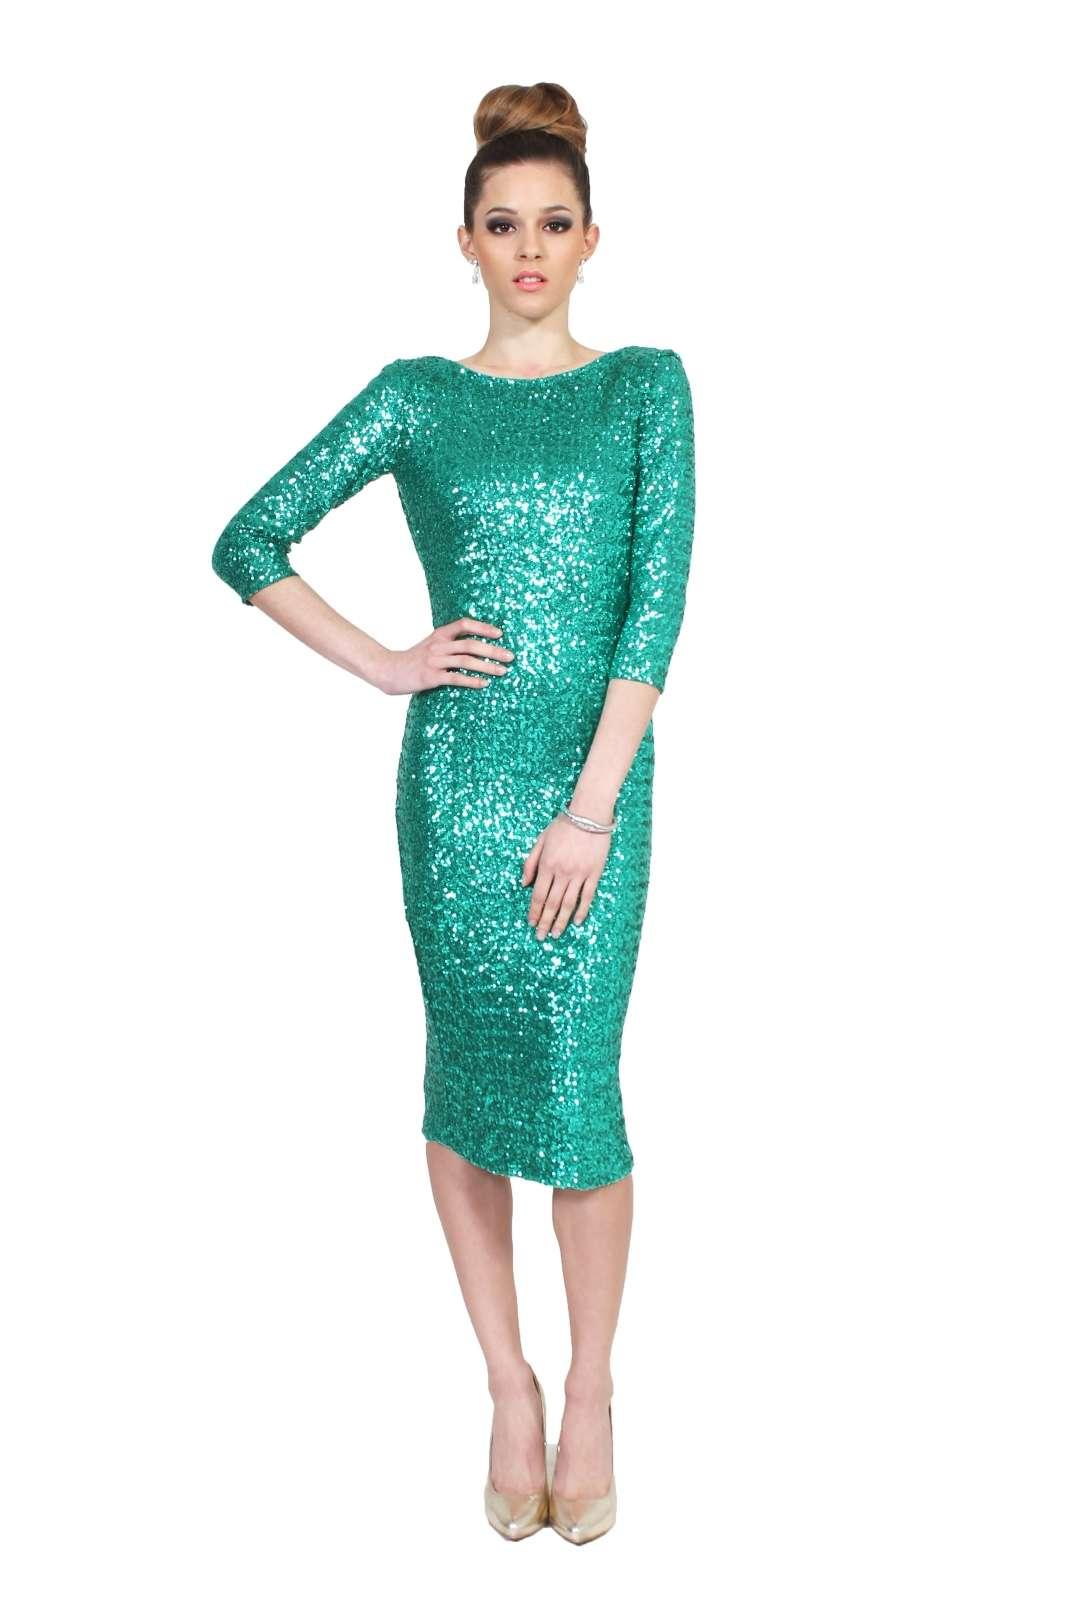 Vestidos en verde turquesa